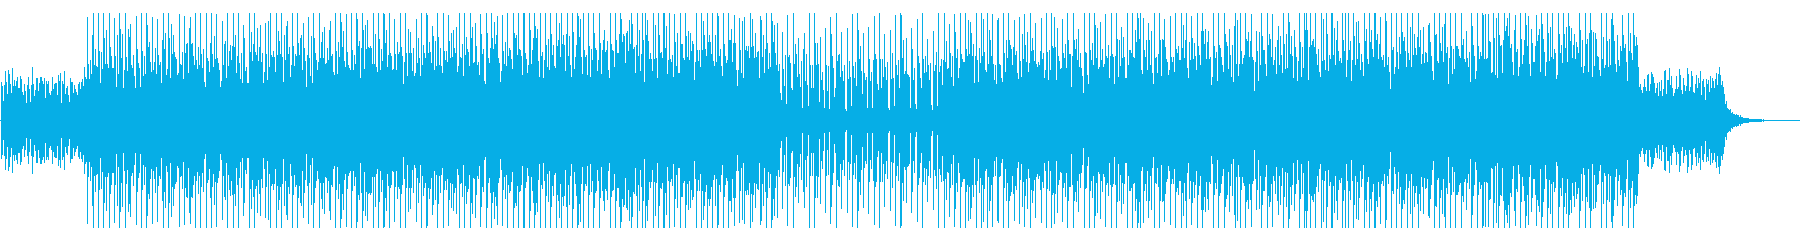 ダークなミニマルテクノの再生済みの波形